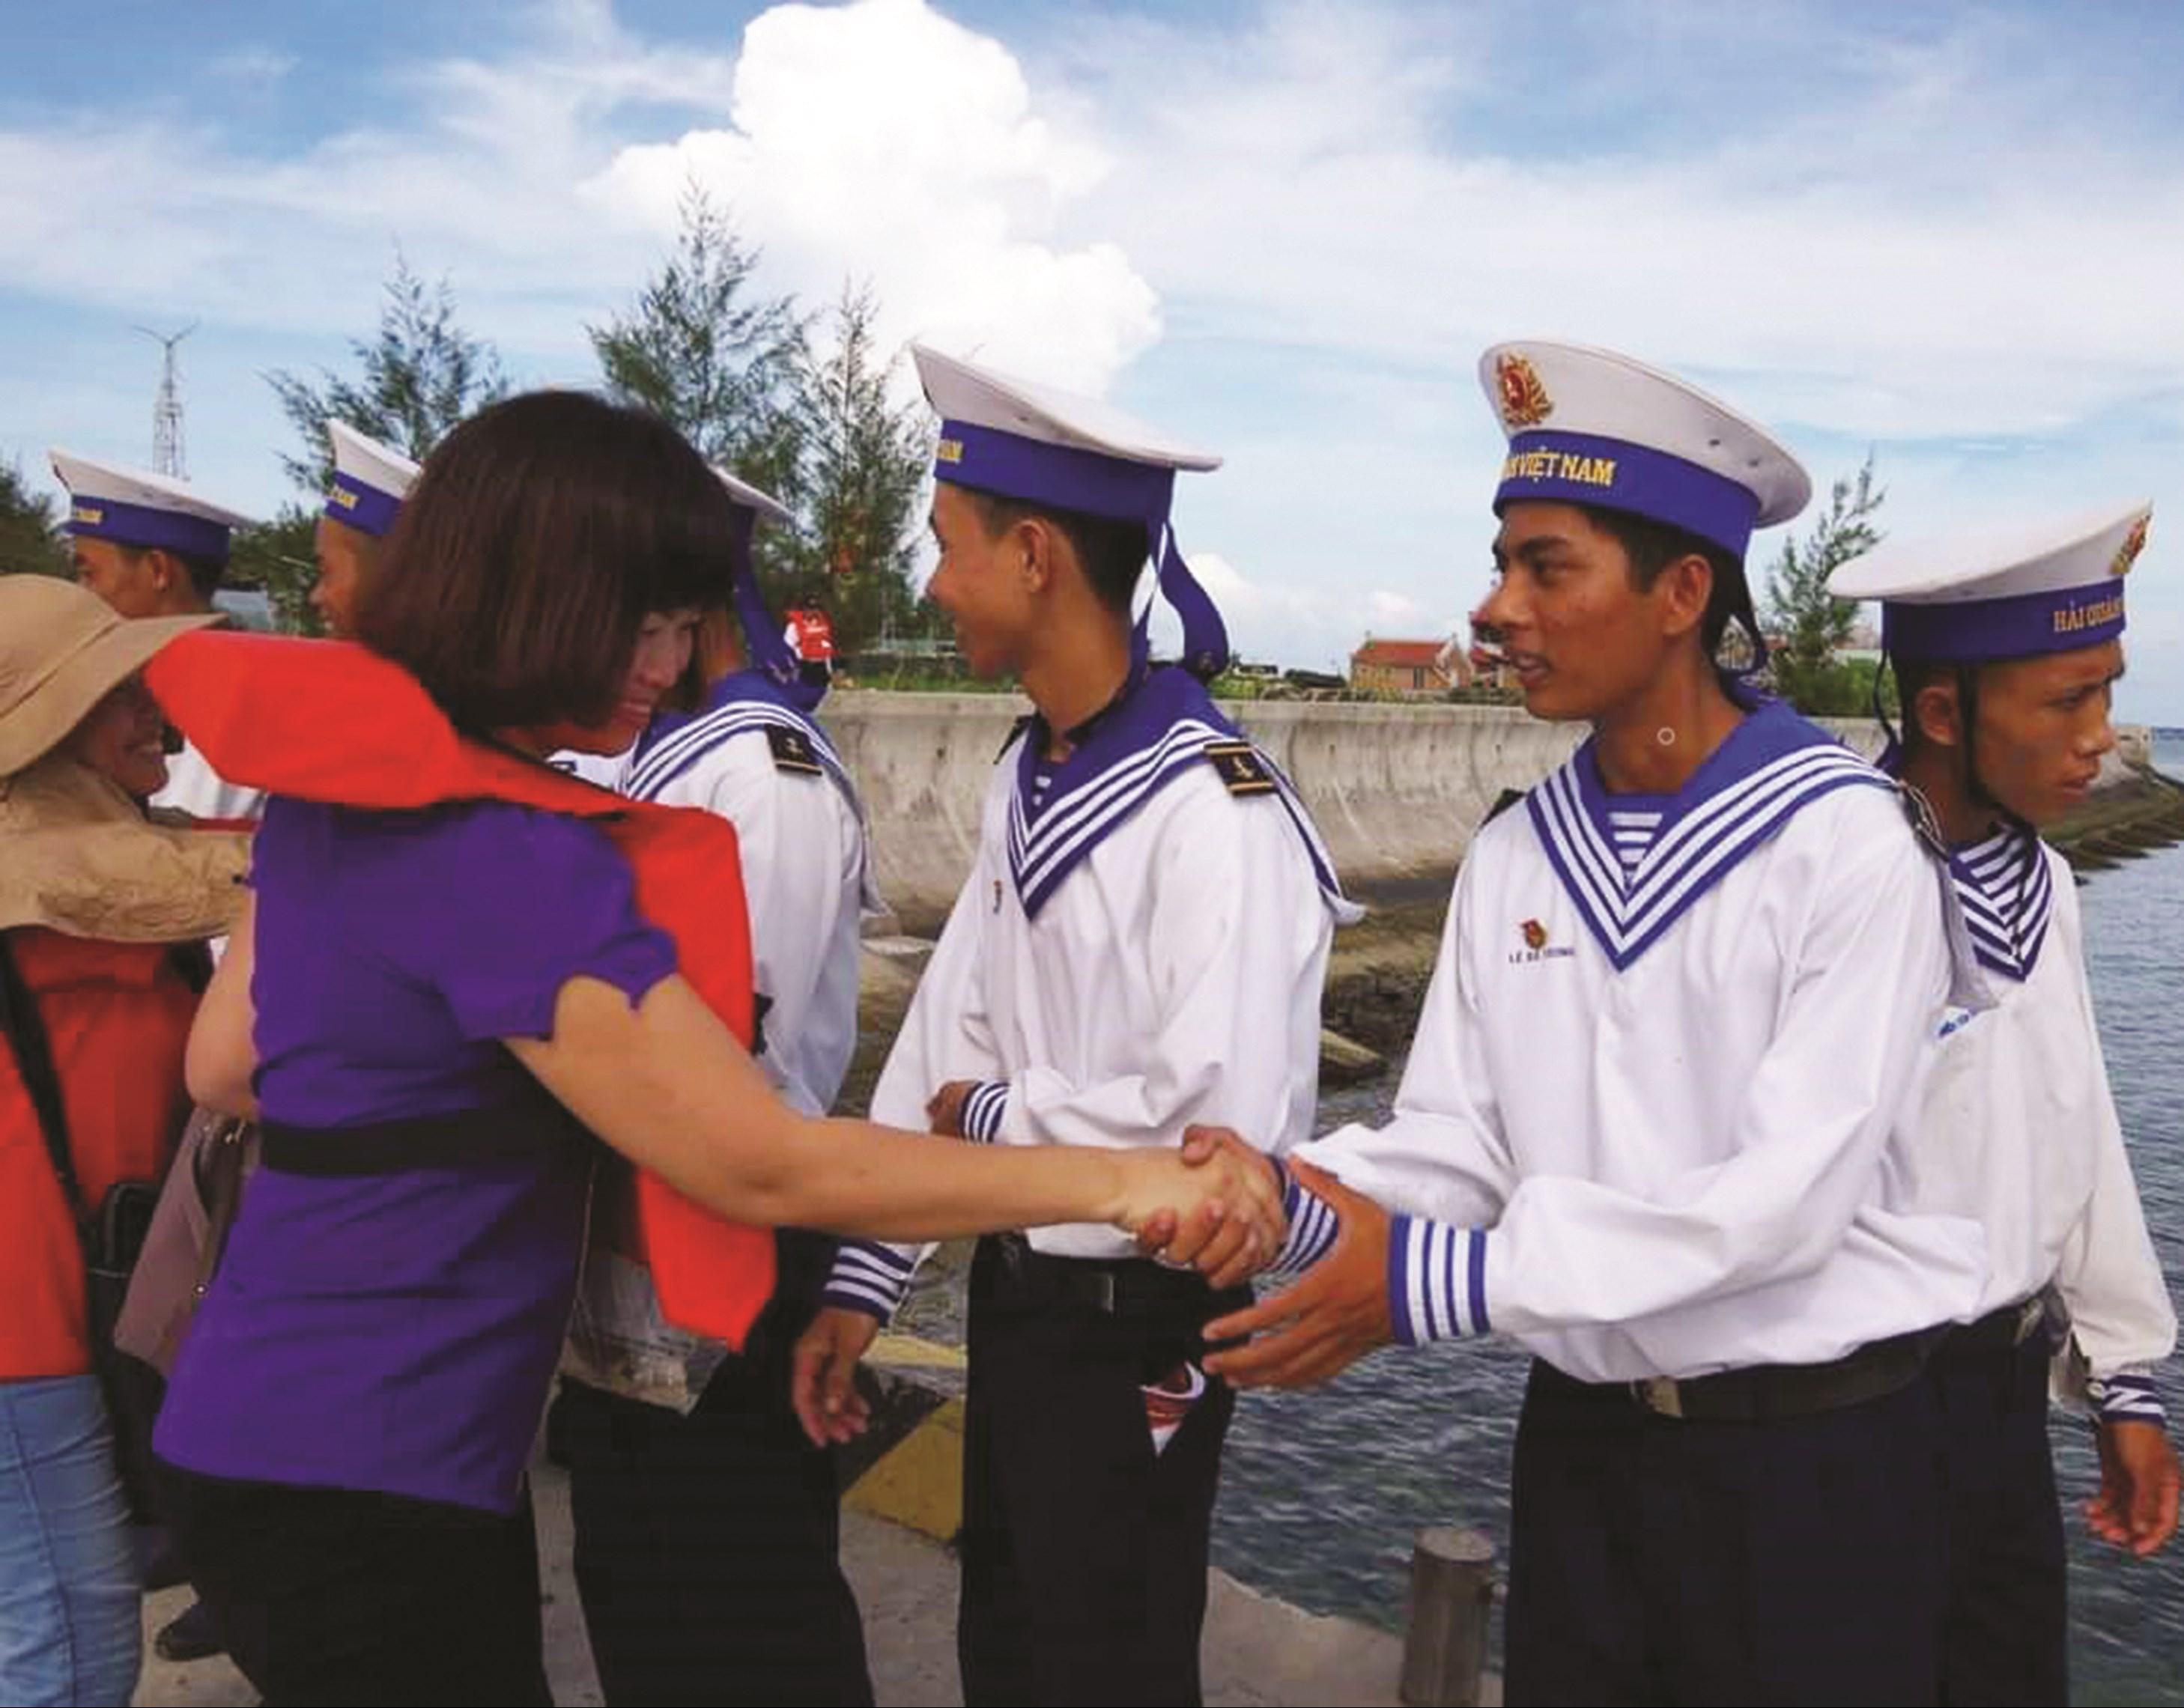 Nhà báo Phương Hạ, Báo Dân tộc và Phát triển tác nghiệp ở Trường Sa